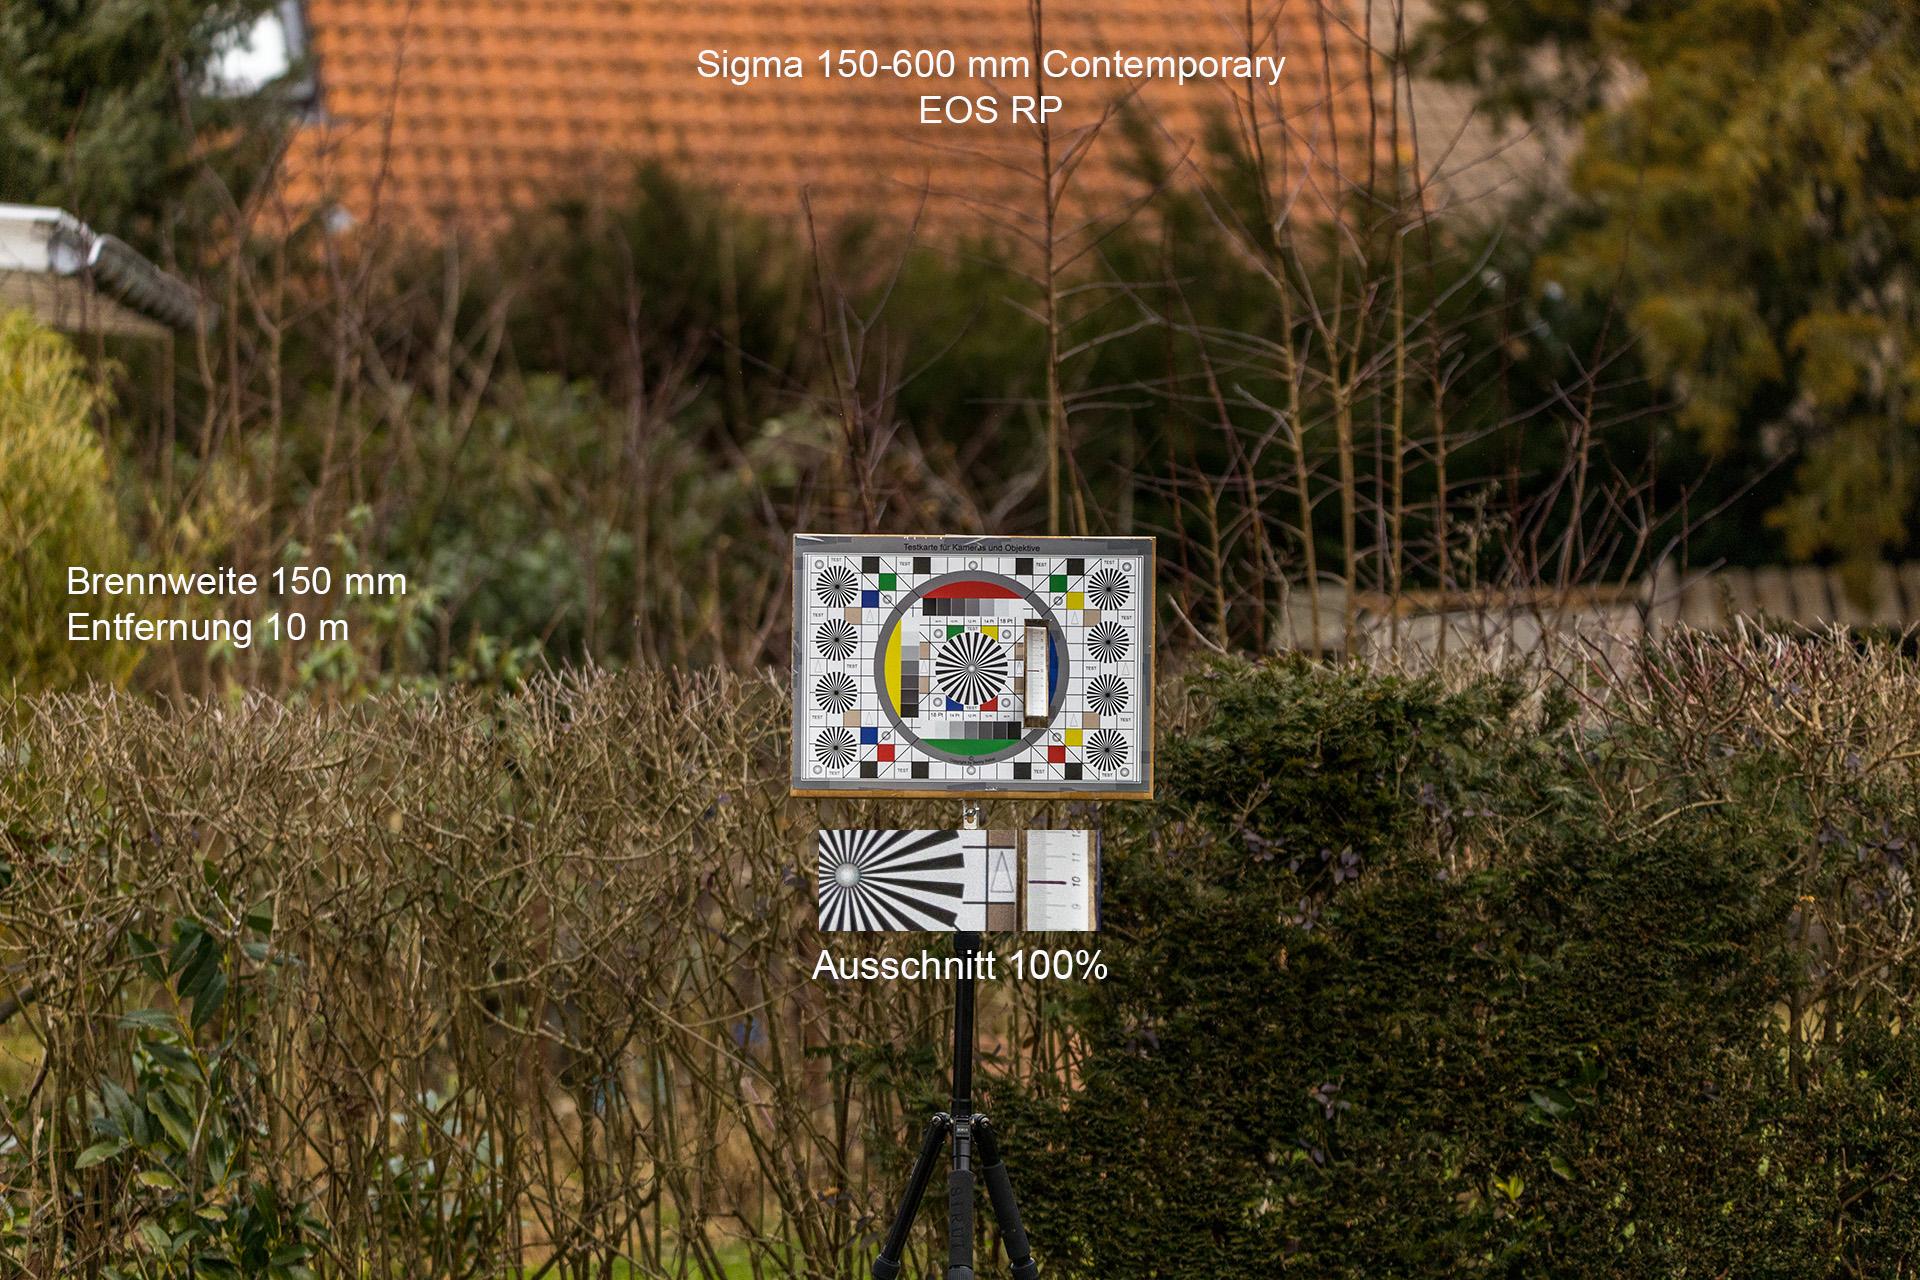 Testaufnahmen mit Sigma 150-600 mm, Canon EOS RP, 150 mm, 10 Meter